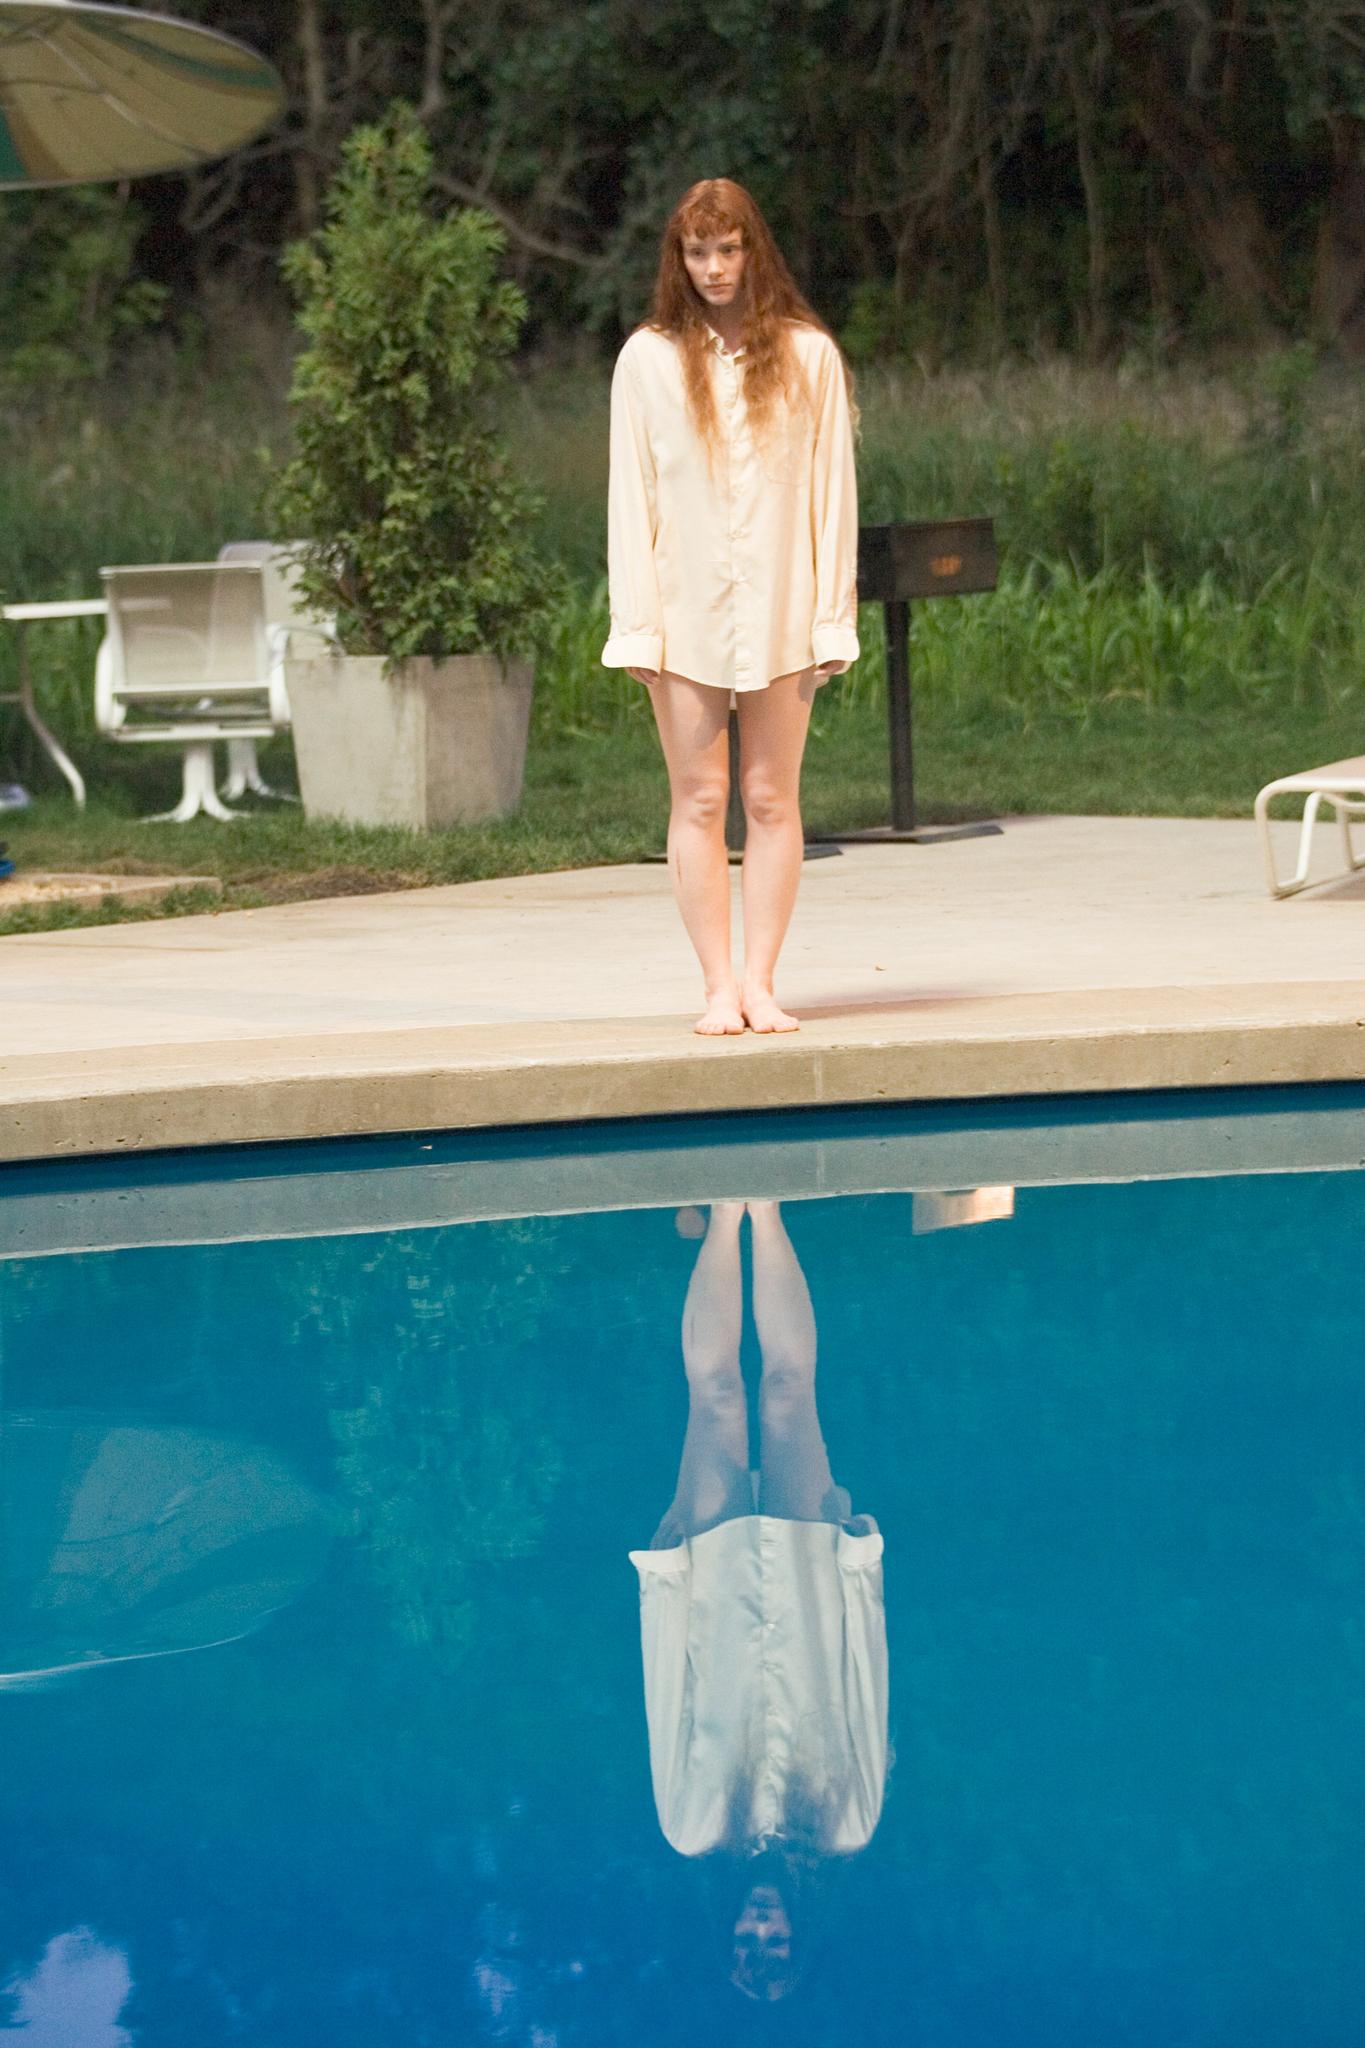 Фільм «Дівчина з води» (2006): Брайс Даллас Говард 1365x2048